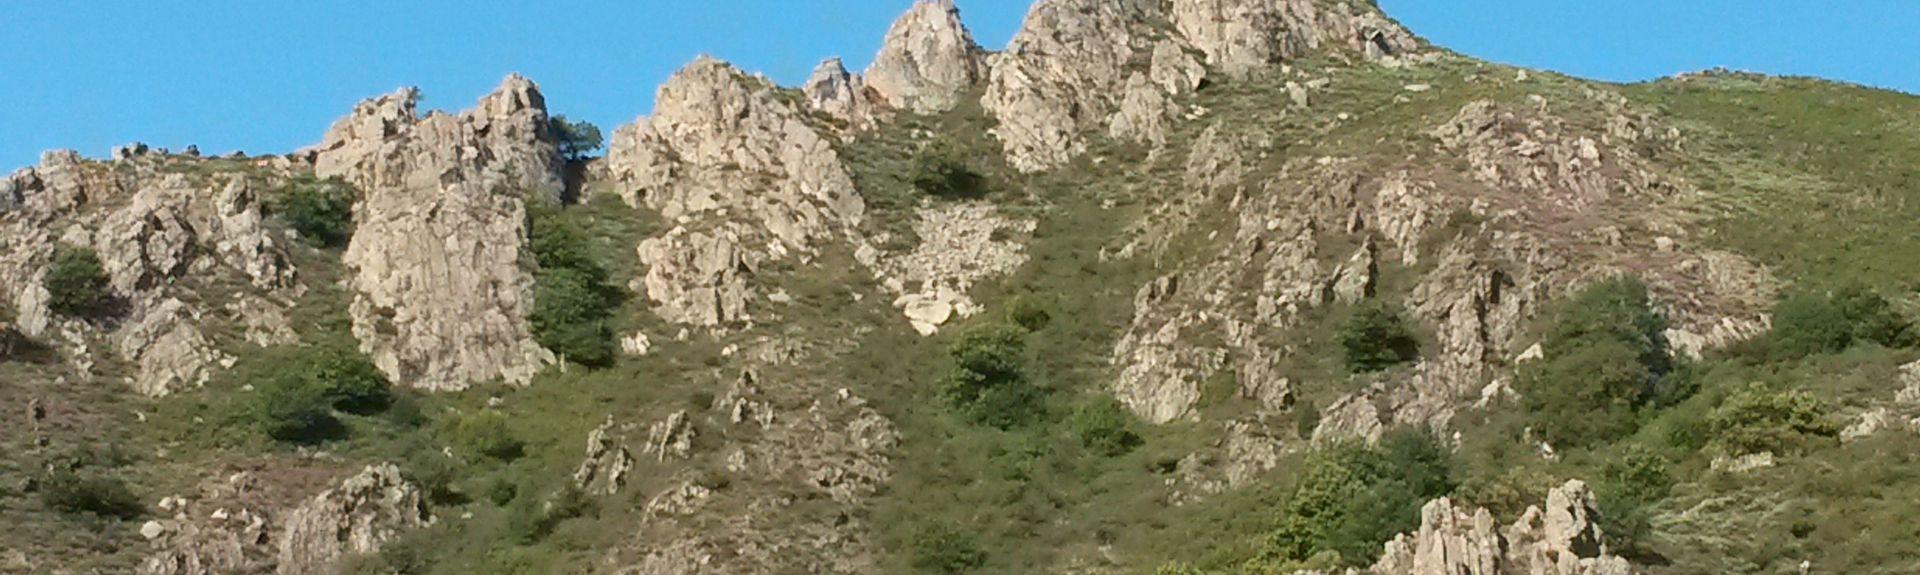 Saint-Cirgues-en-Montagne, Auvergne-Rhône-Alpes, Frankrijk